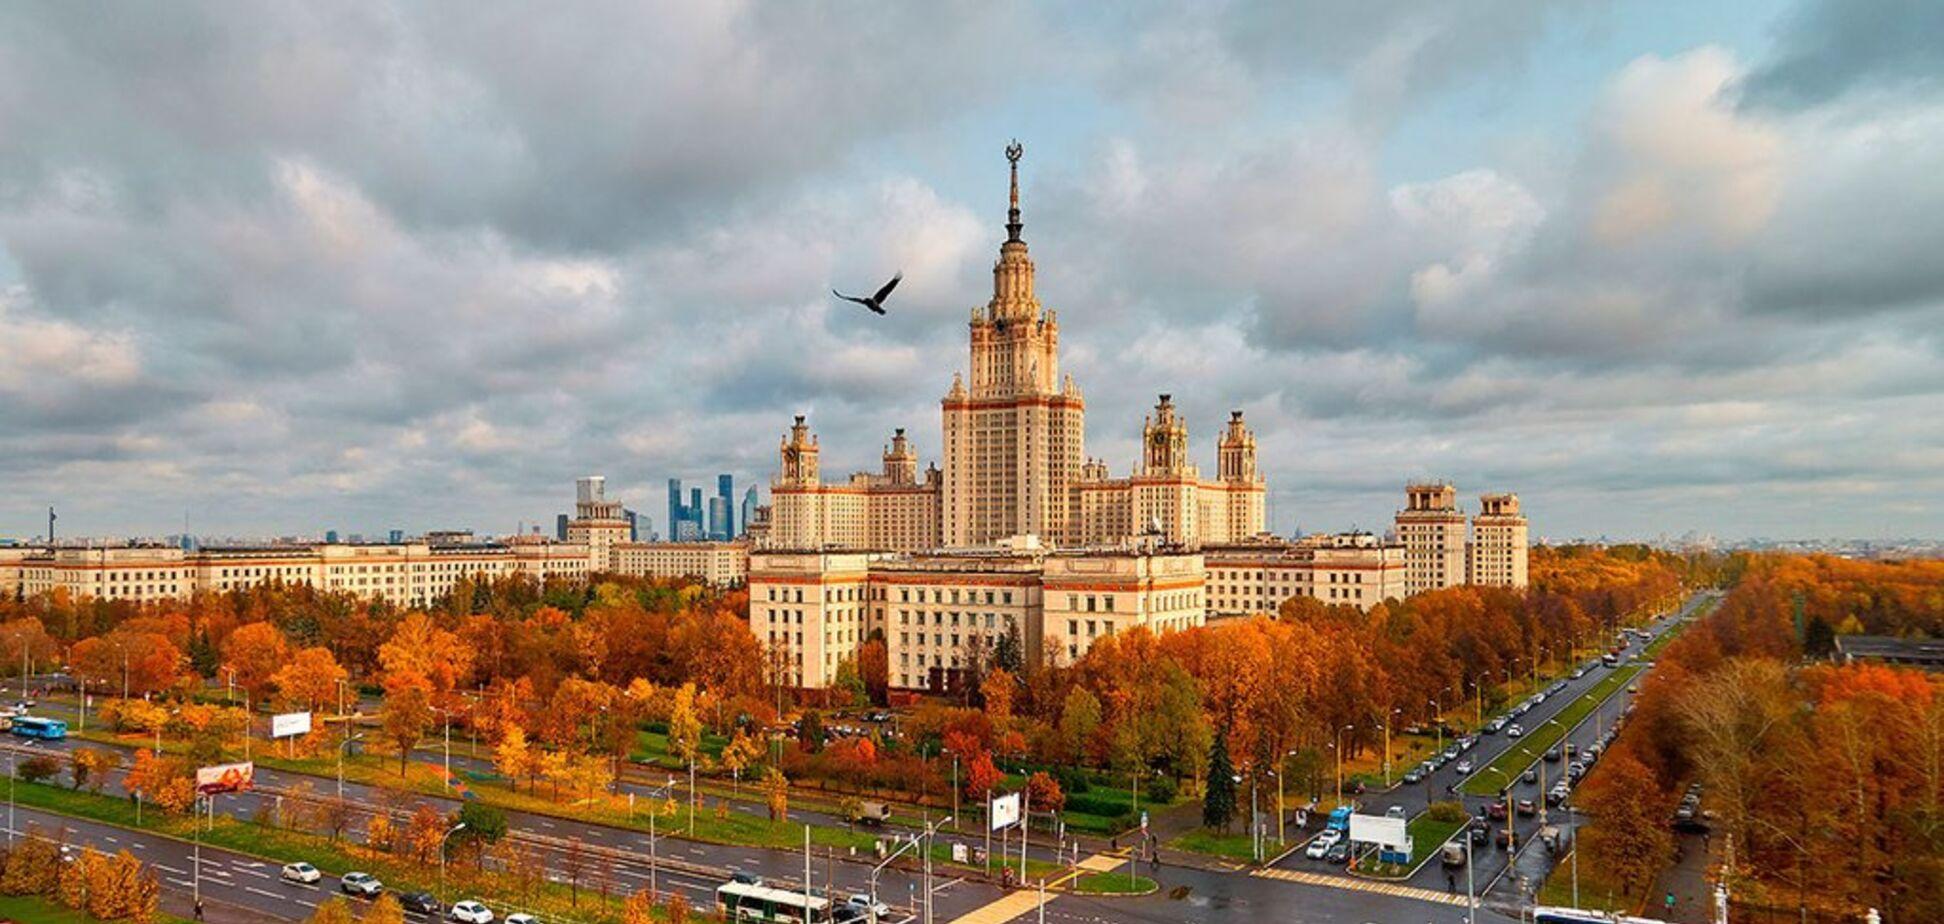 Когда российский ''Титаник'' пойдет ко дну, они все-равно будут радоваться